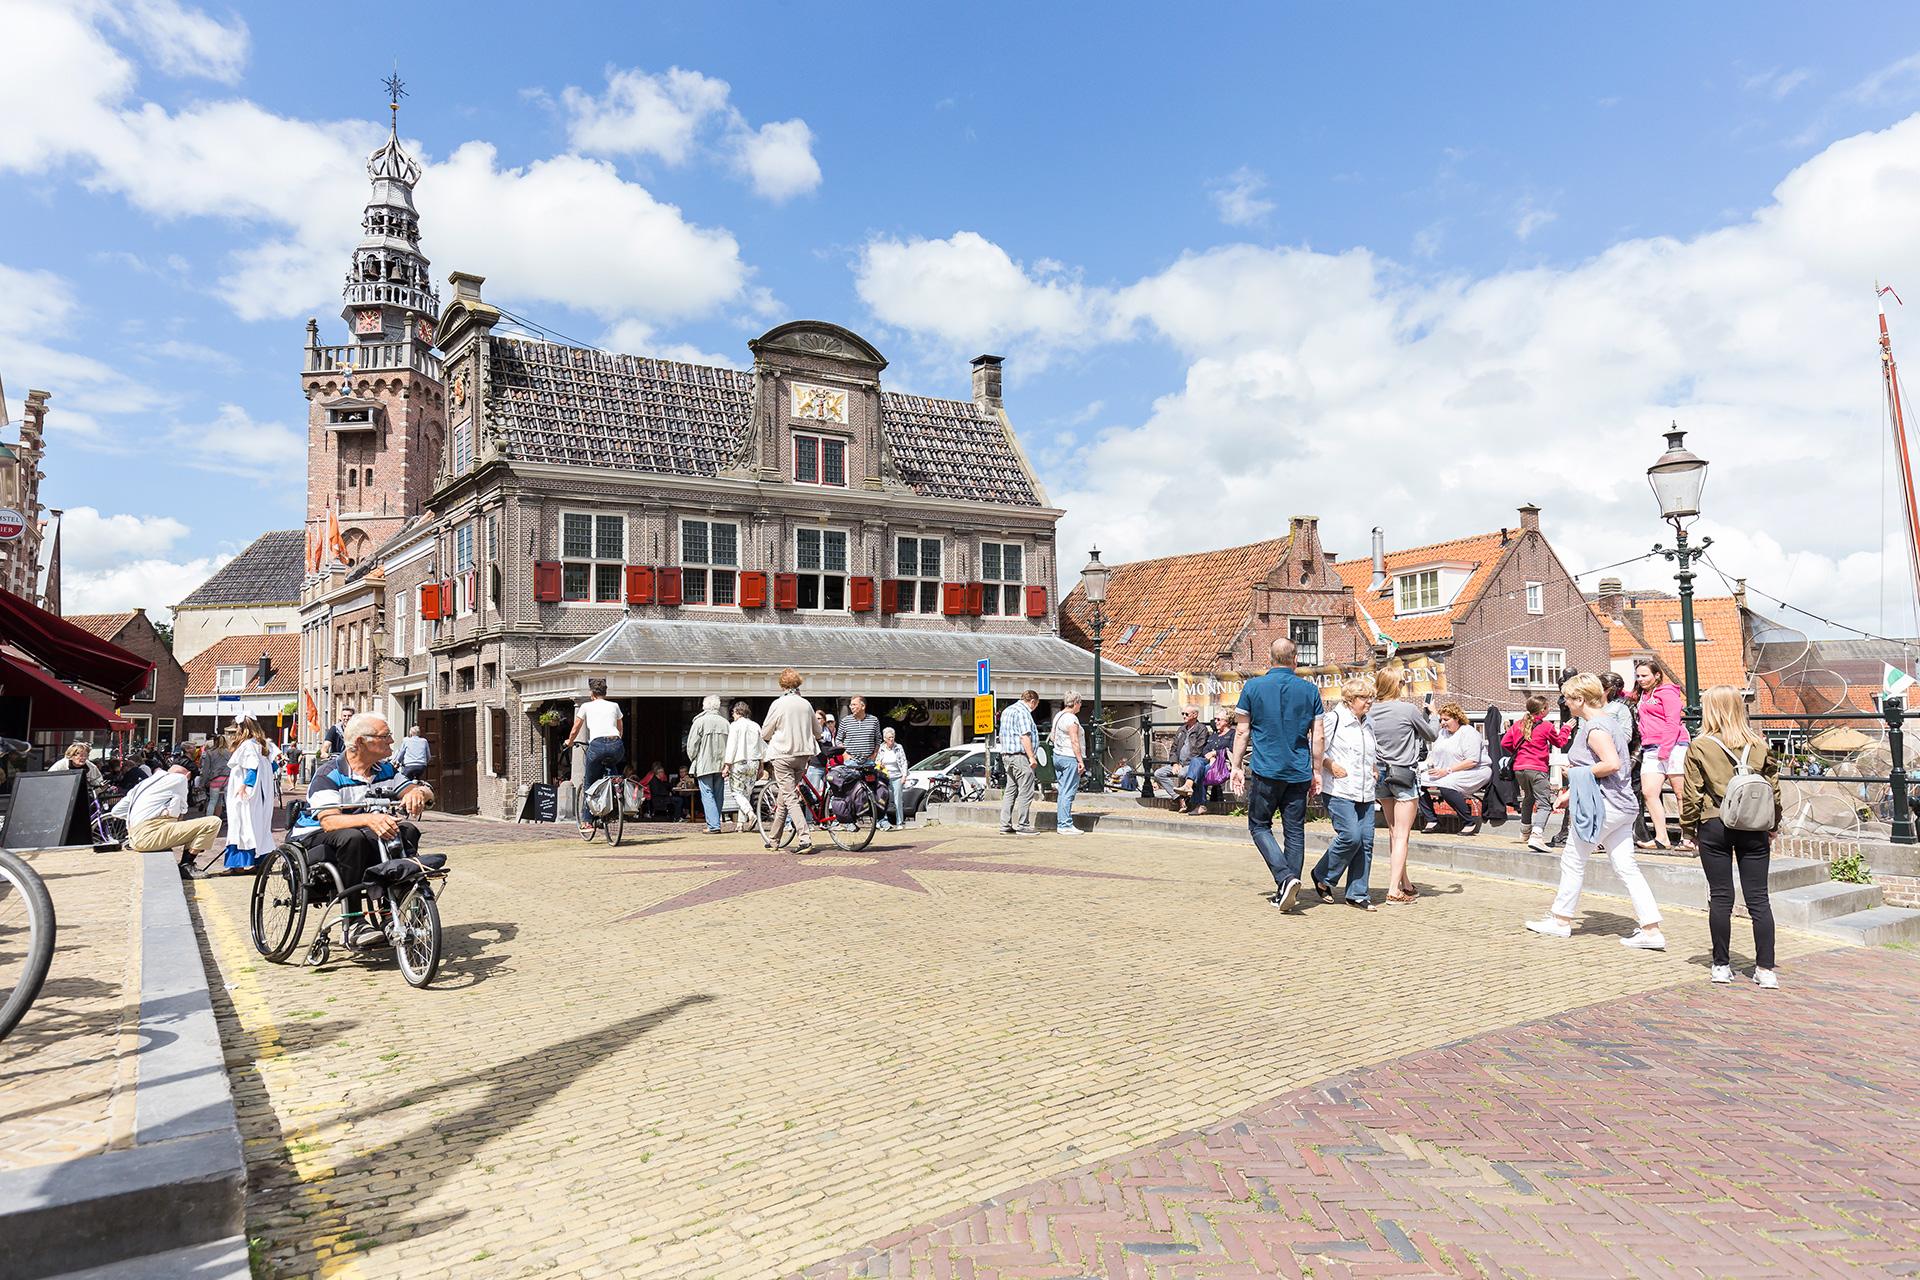 Makelaar in Monnickendam